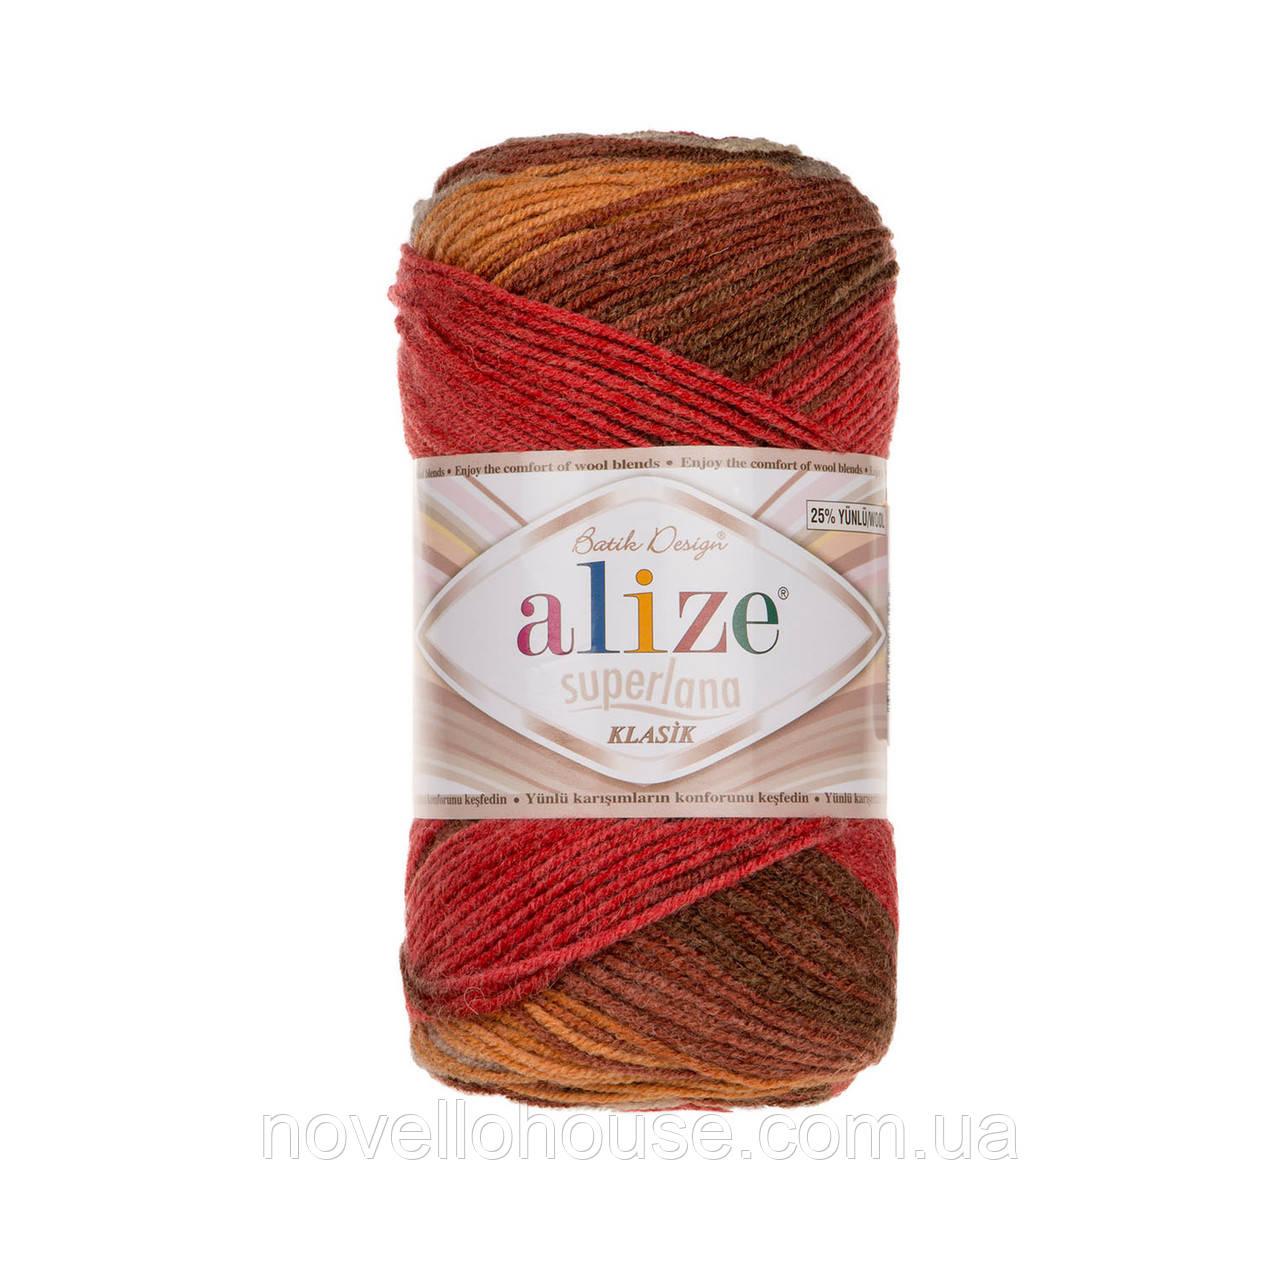 Alize Superlana Klasik Batik №6283: купить пряжу оптом и в